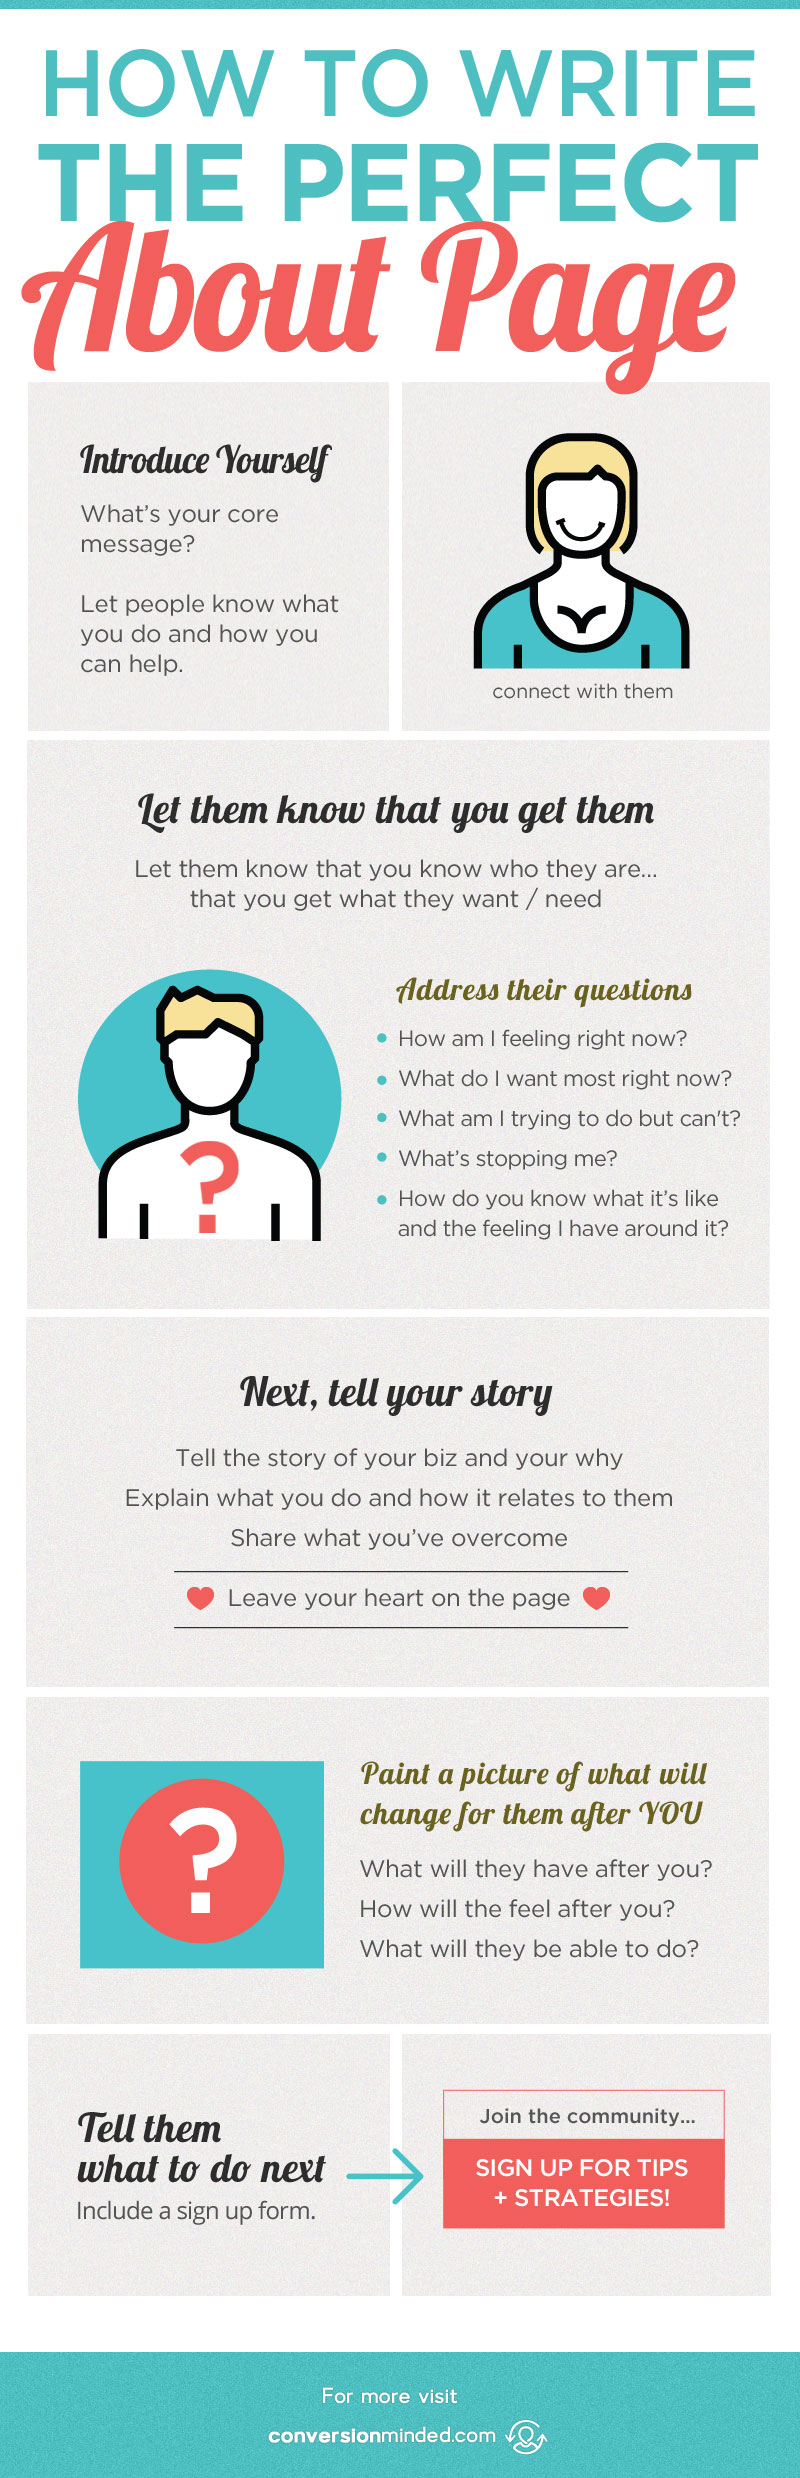 ¿Qué debo incluir en mi página Acerca de mí? Si haces esa pregunta, esta publicación te ayudará. Incluye todos los puntos que los emprendedores y blogueros deben cubrir para que la gente se enganche a tu blog, tu por qué y cómo puedes ayudarlos. Haga clic para ver todos los consejos!